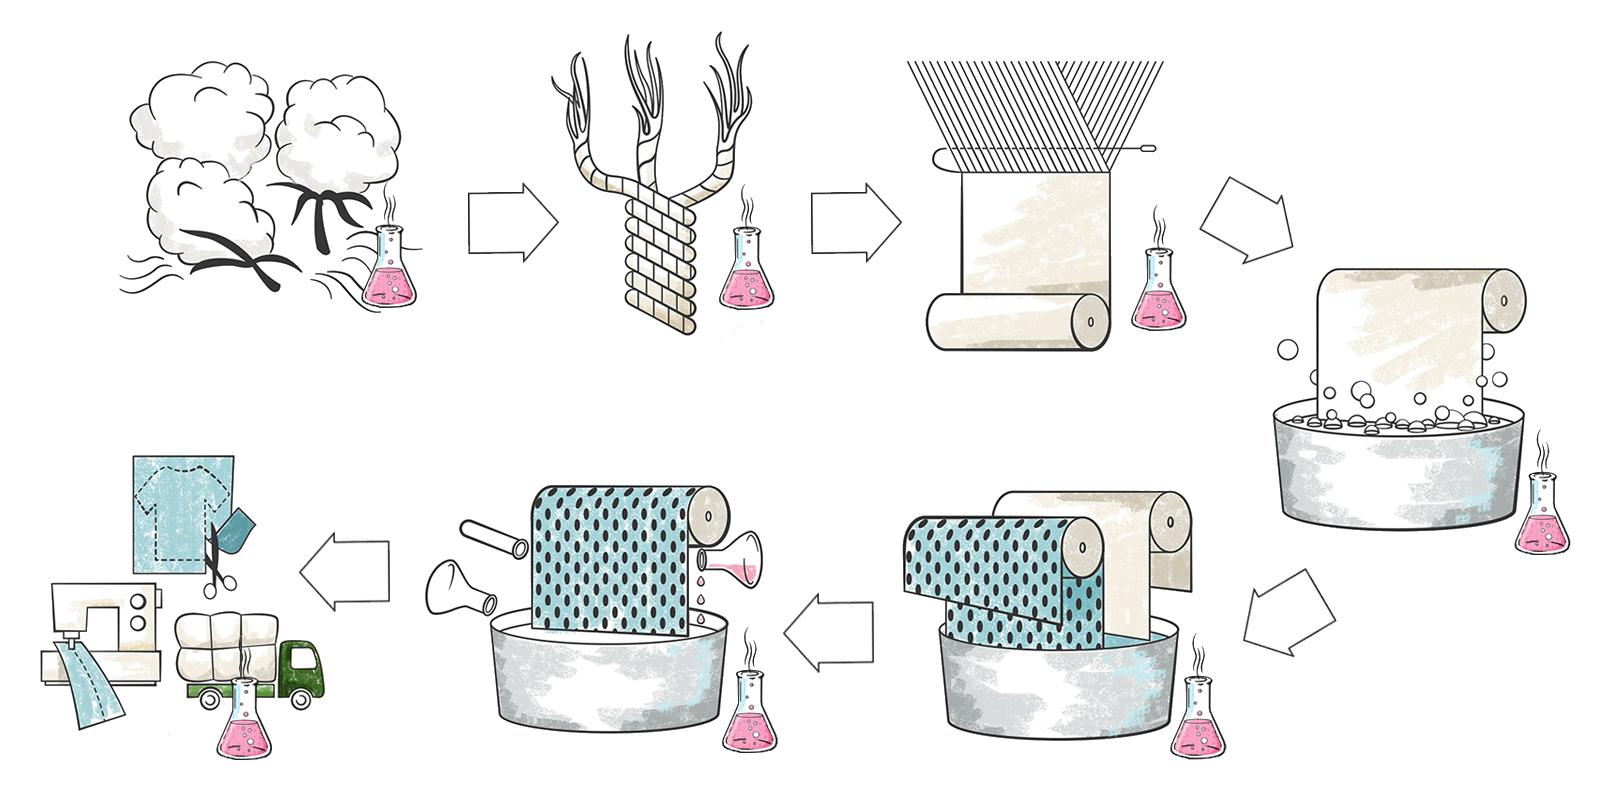 The textile production process